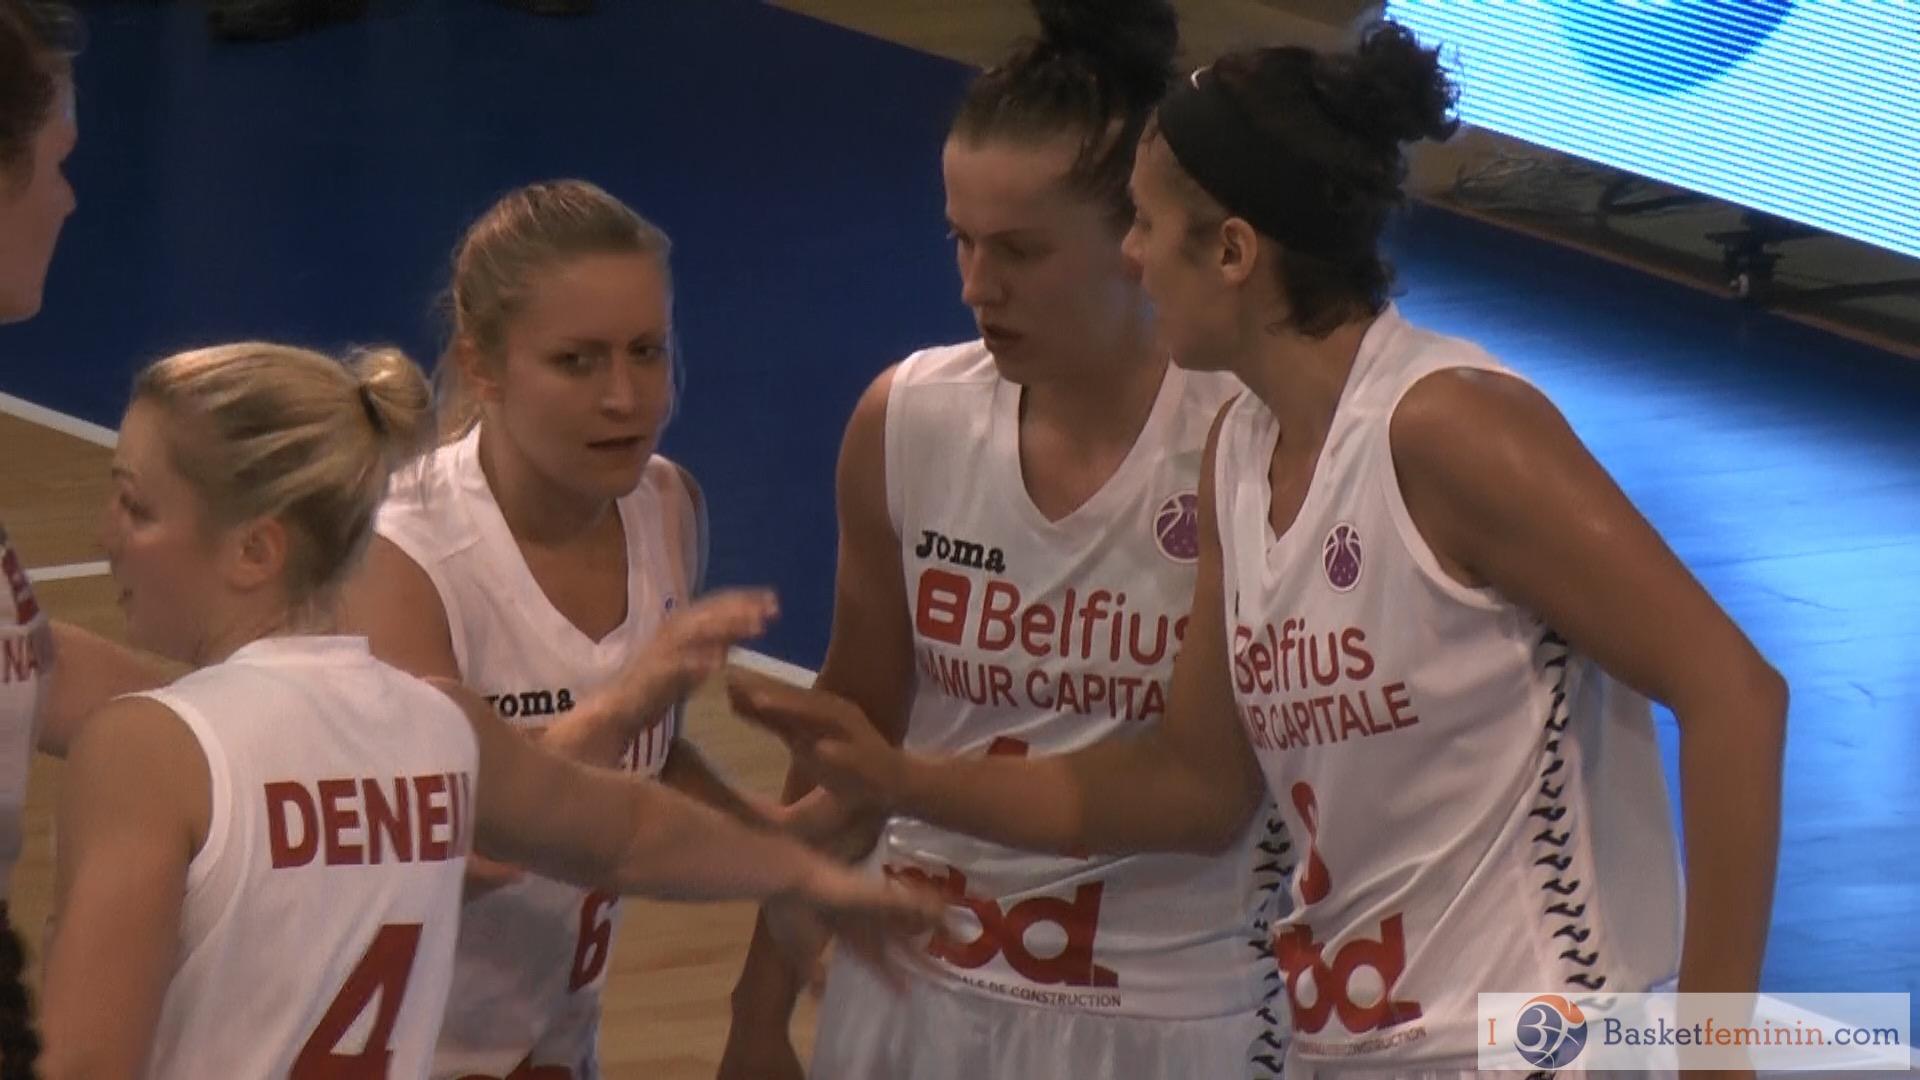 Belfius Namur s'impose en championnat face à Spirou Monceau Baulet 78-61